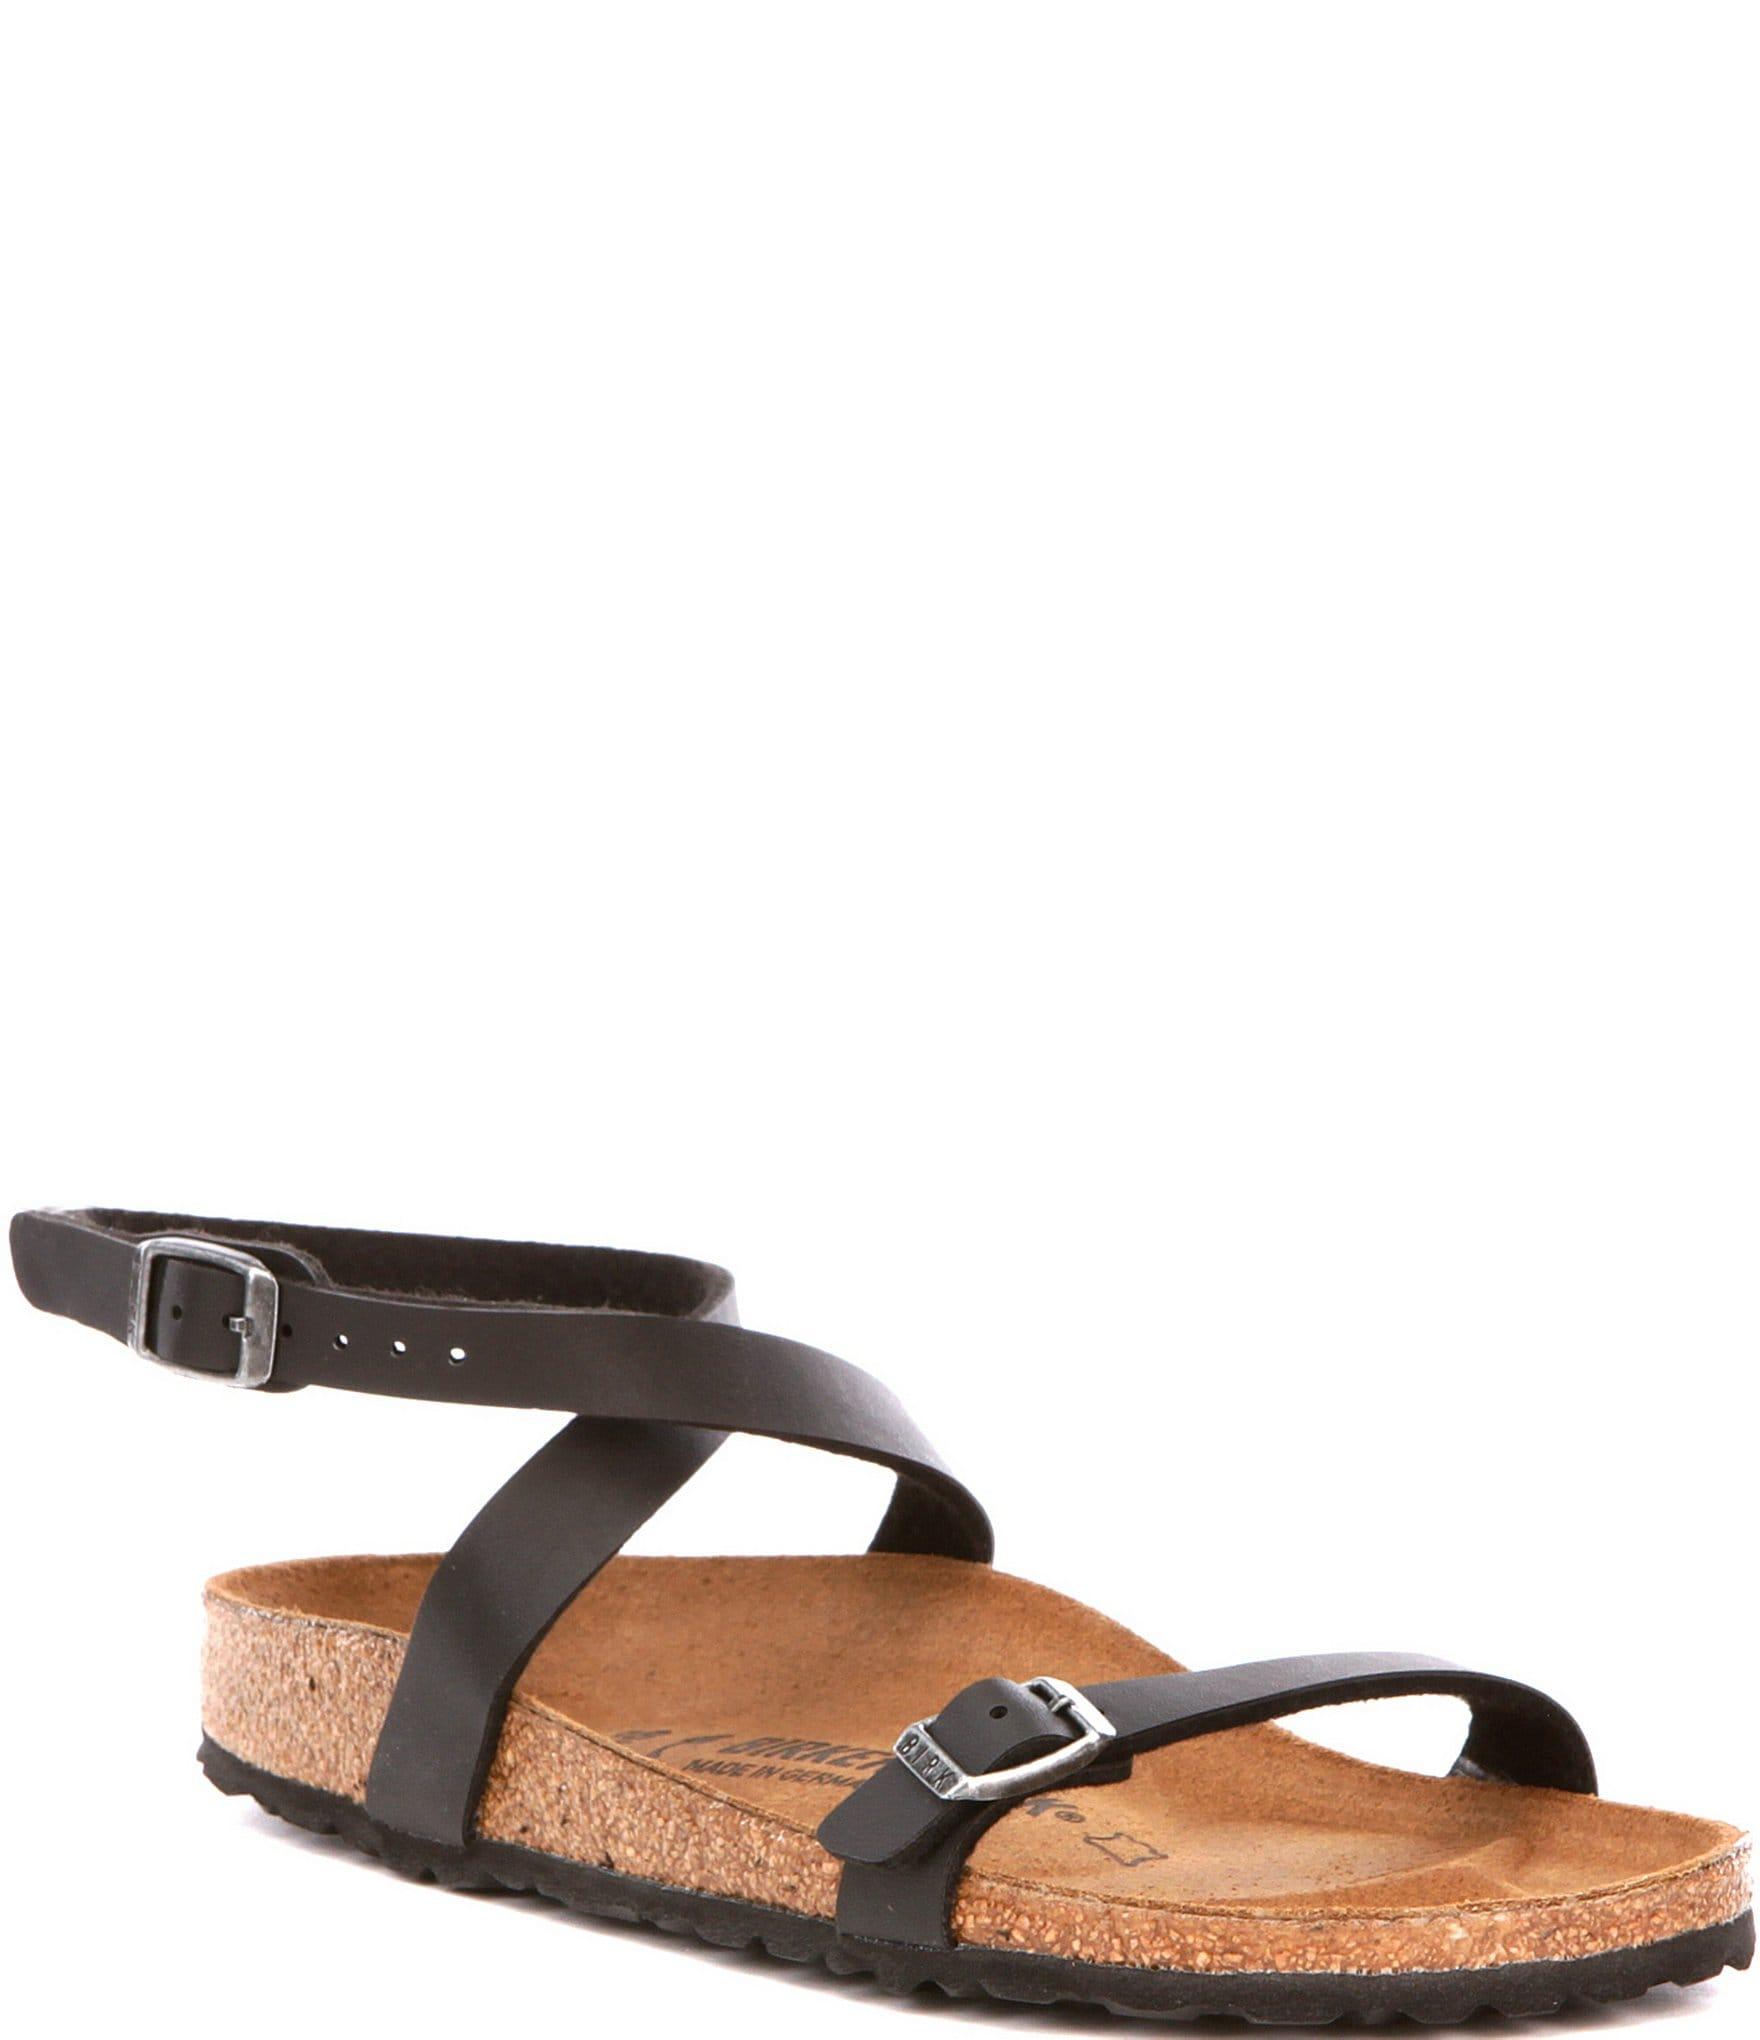 630e1651458c Birkenstock Daloa Ankle Strap Sandals